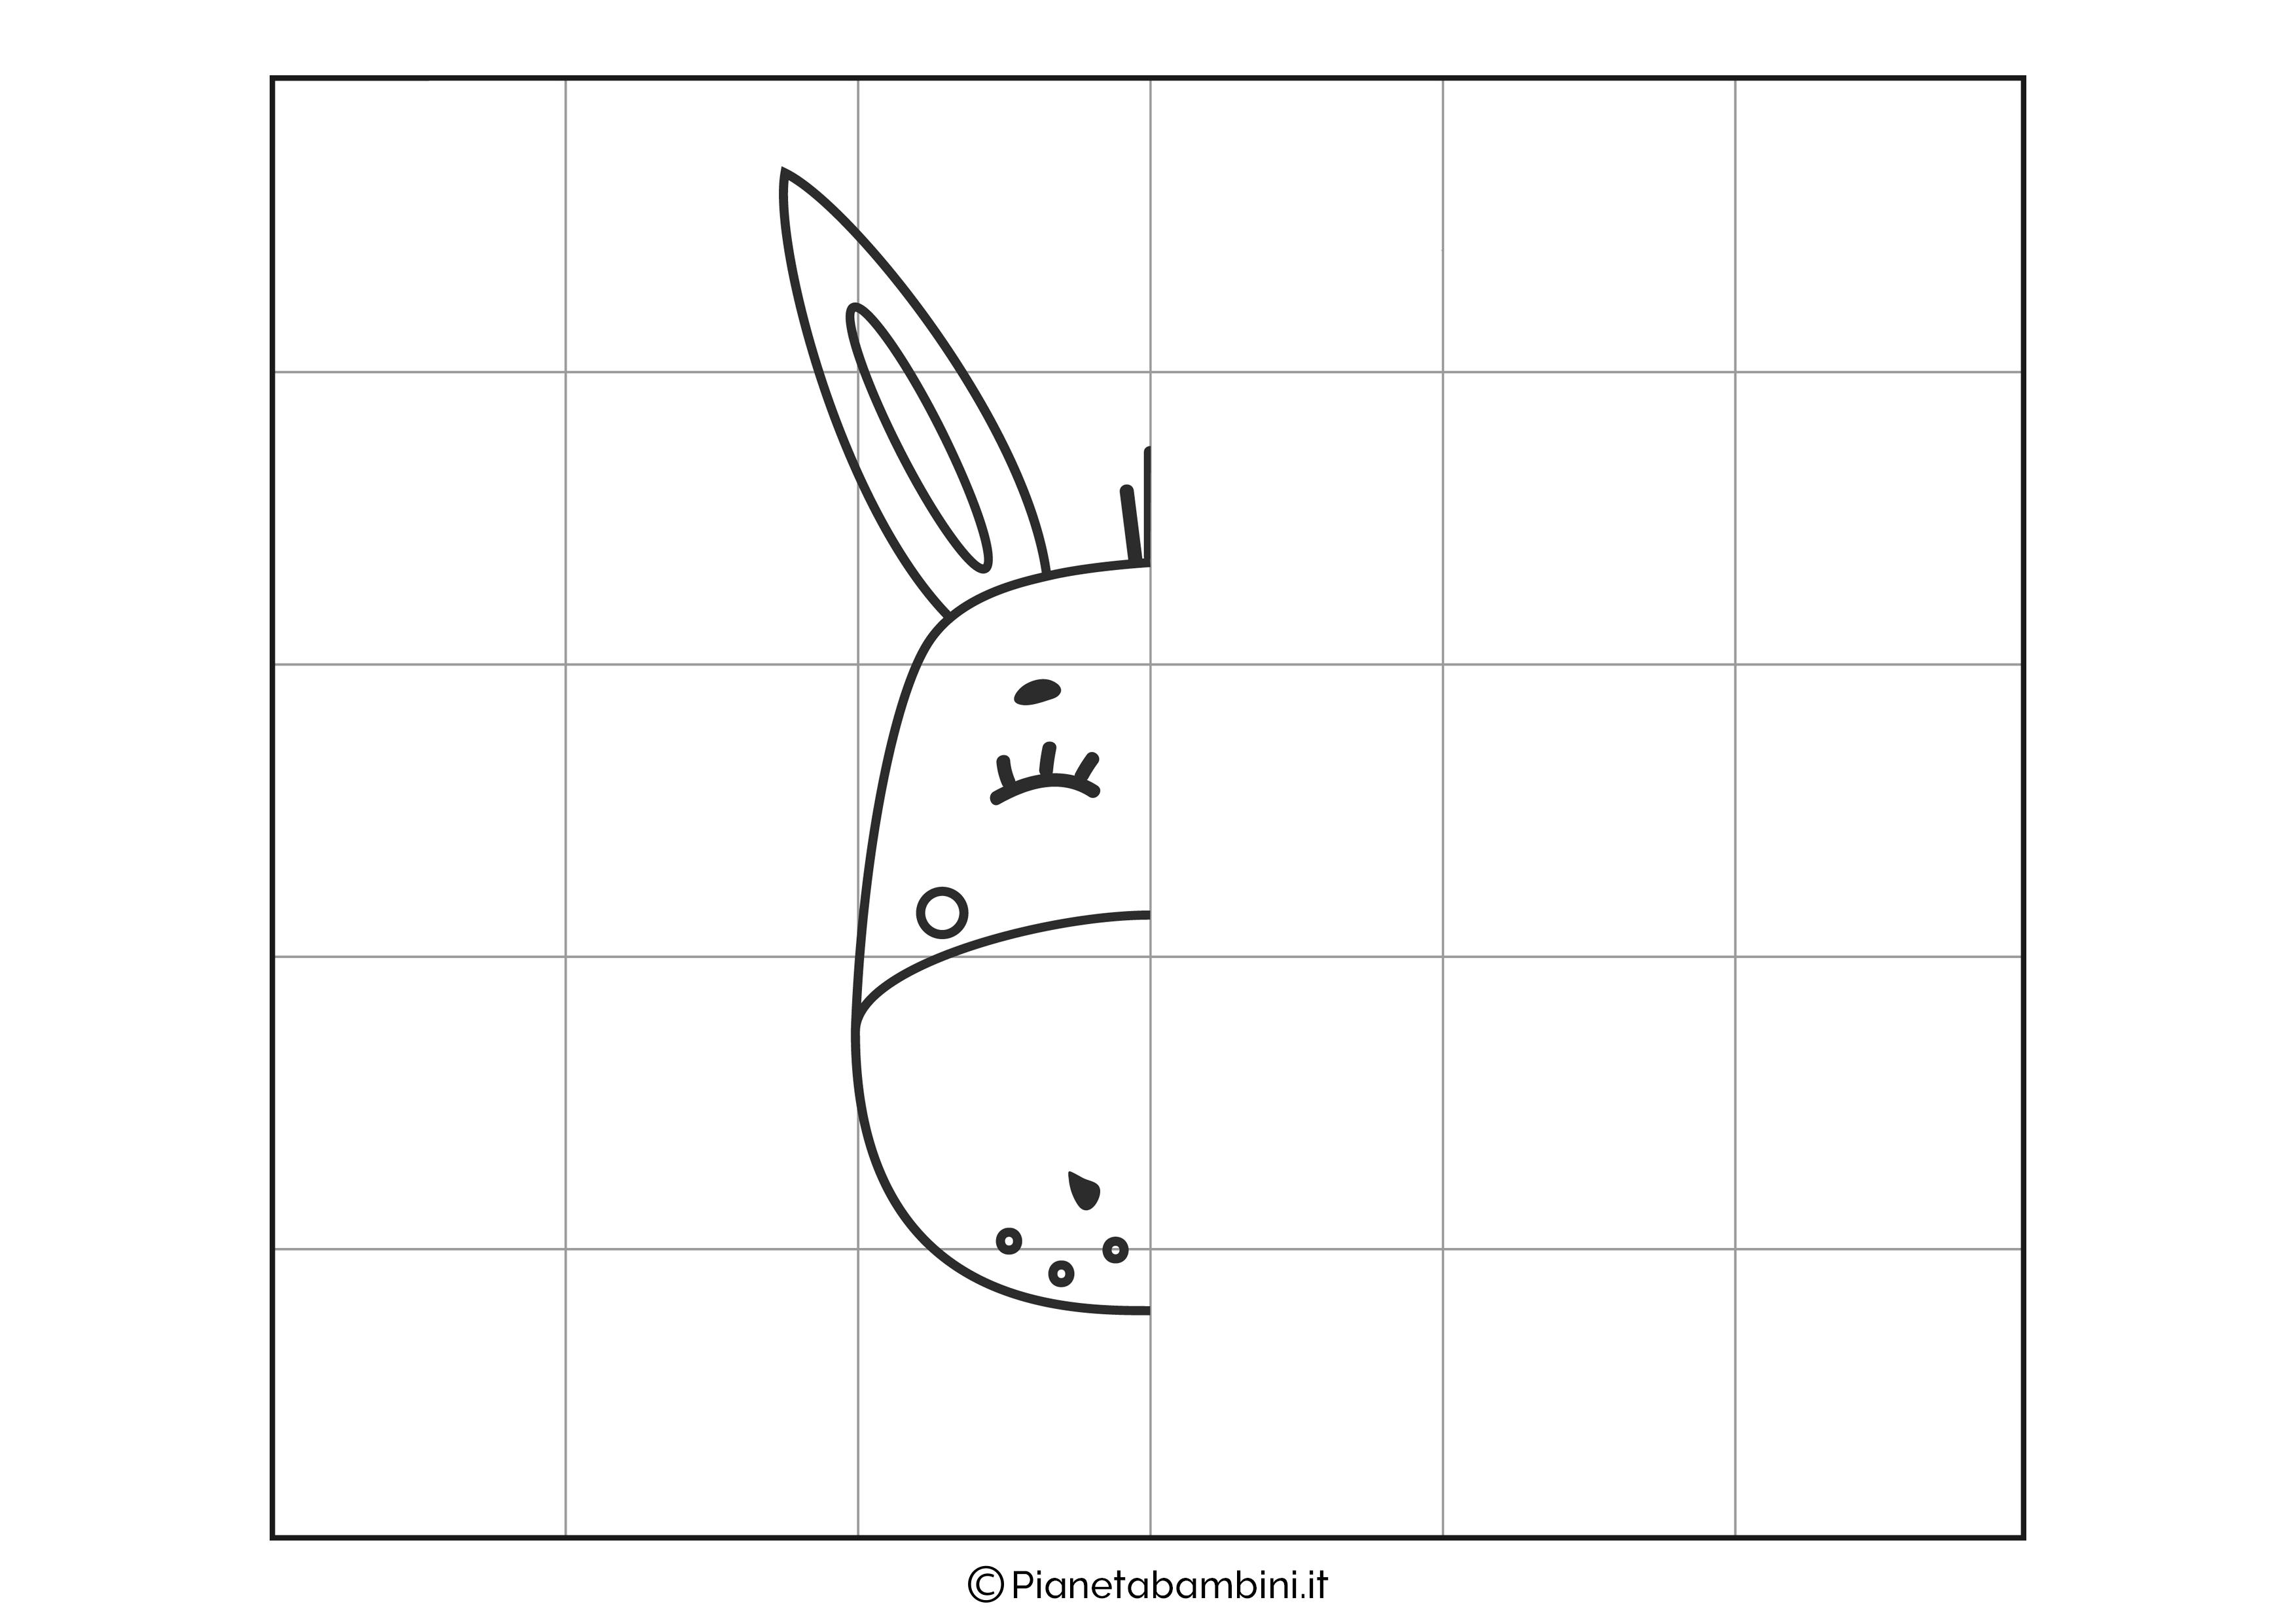 Disegno simmetrico sull'asino da completare